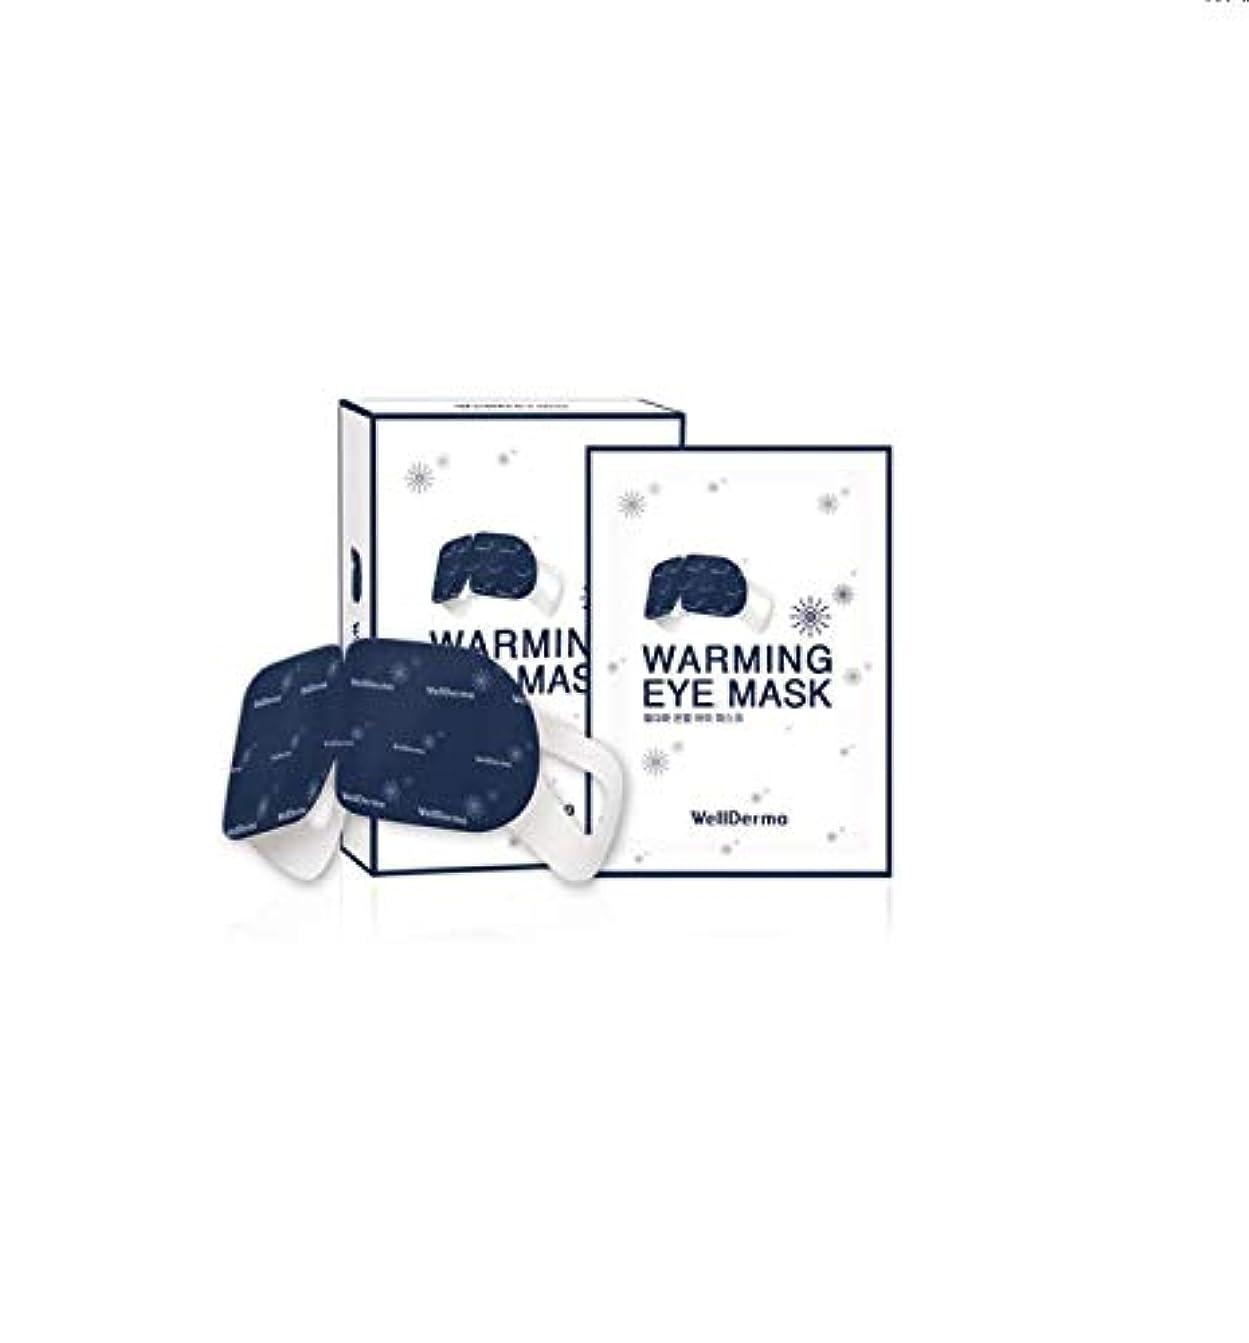 開示する怒っている廃棄Wellderma (ウェルダーマ) ウォーミング アイ マスク パック/Warming Eye Mask 1pack(10sheets) [並行輸入品]